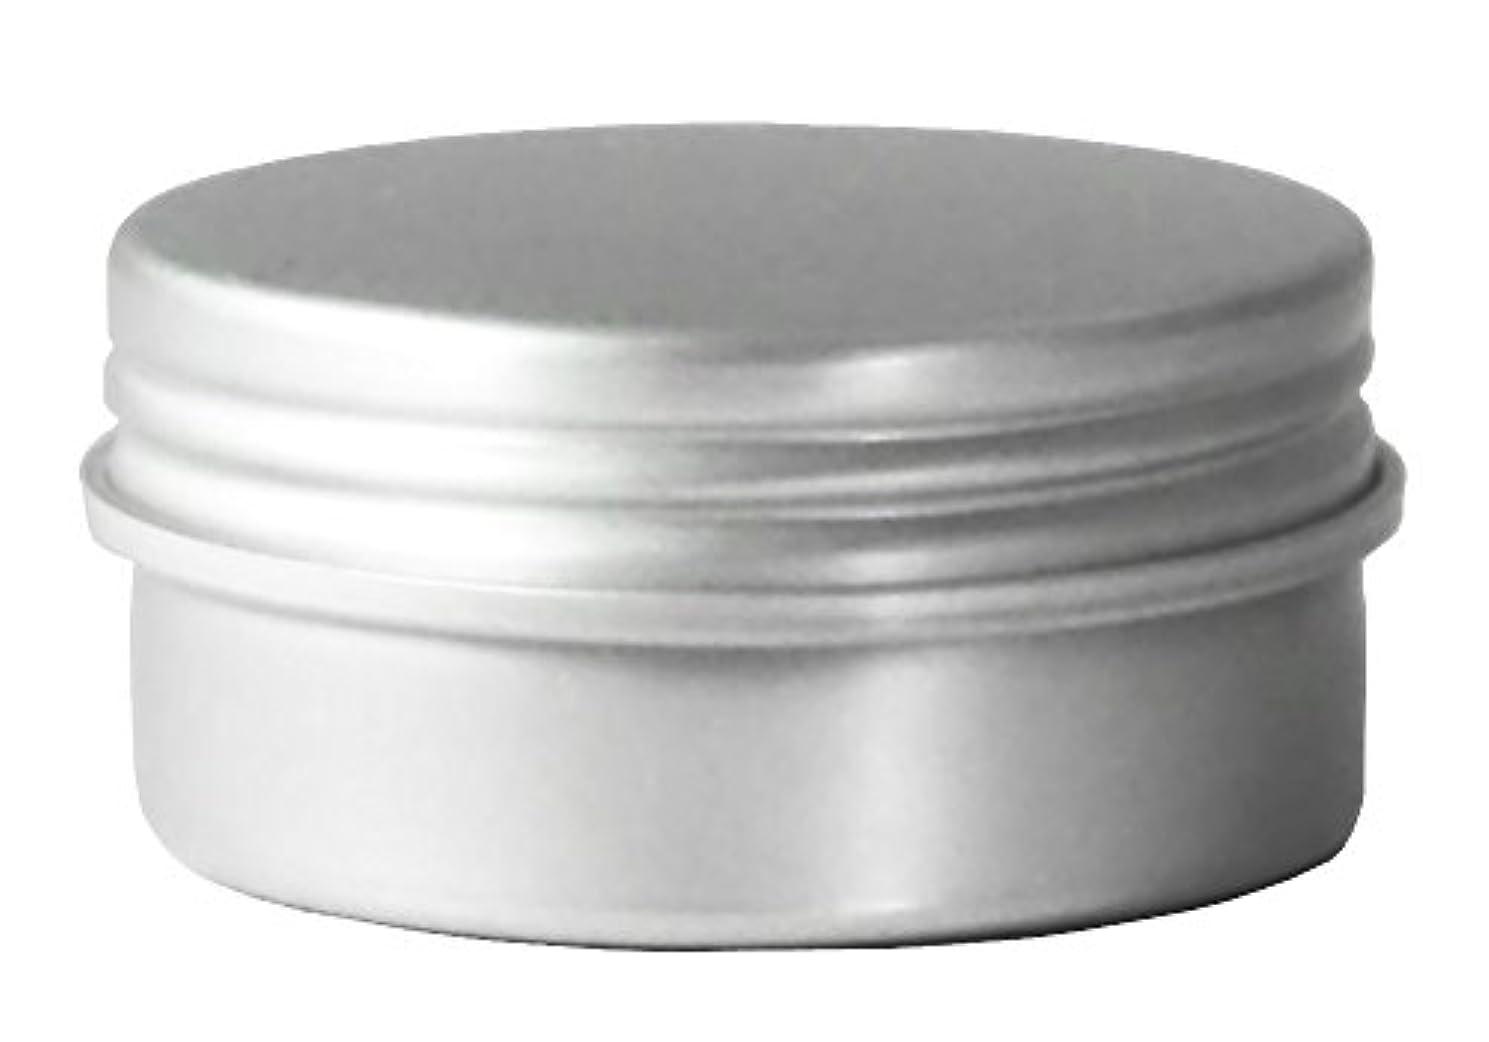 緩める生きる賠償アルミキャップ缶 ハイシートパッキン付 12ml 化粧品容器